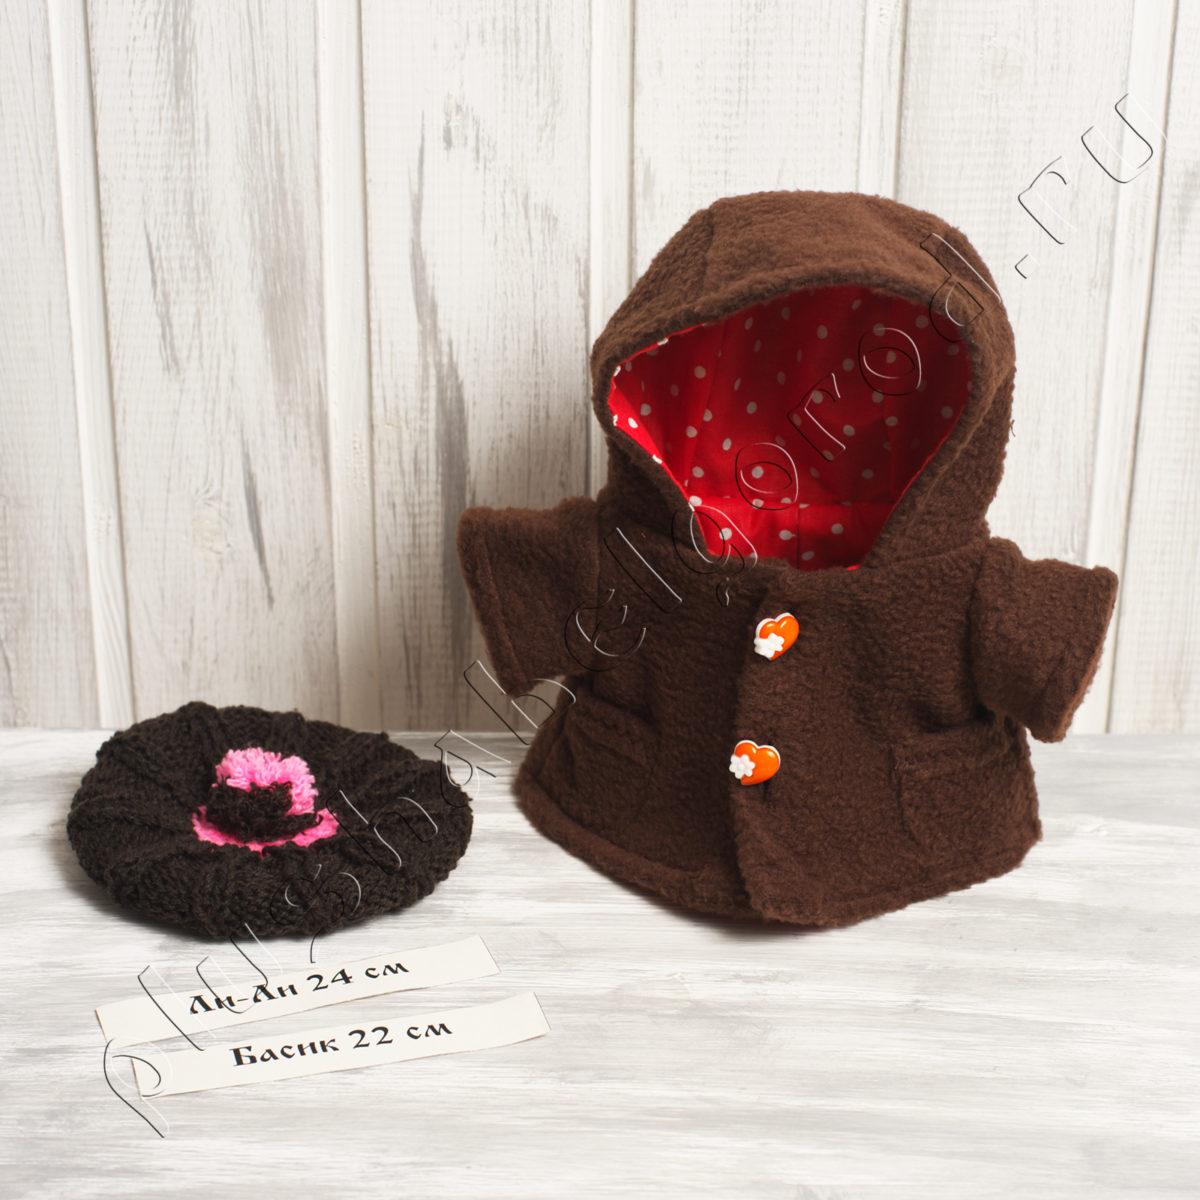 Акция! Выгода 50р. Пальто коричневое с красной подкладкой в горошек и берет